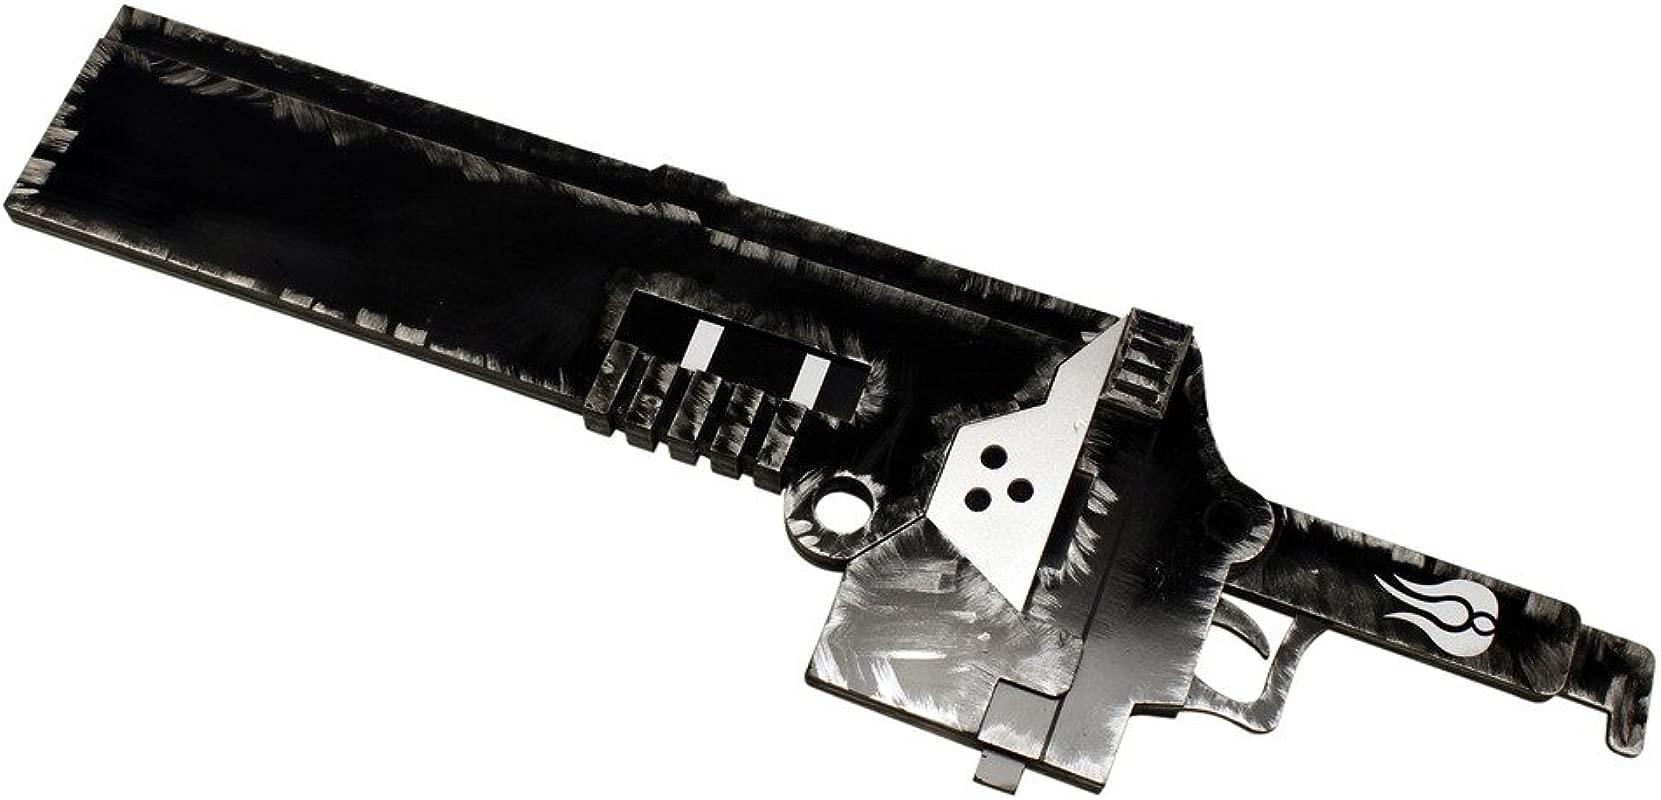 Mtxc RWBY Cosplay Blake Belladonna Prop Toy Weapons Gambol Shroud Black